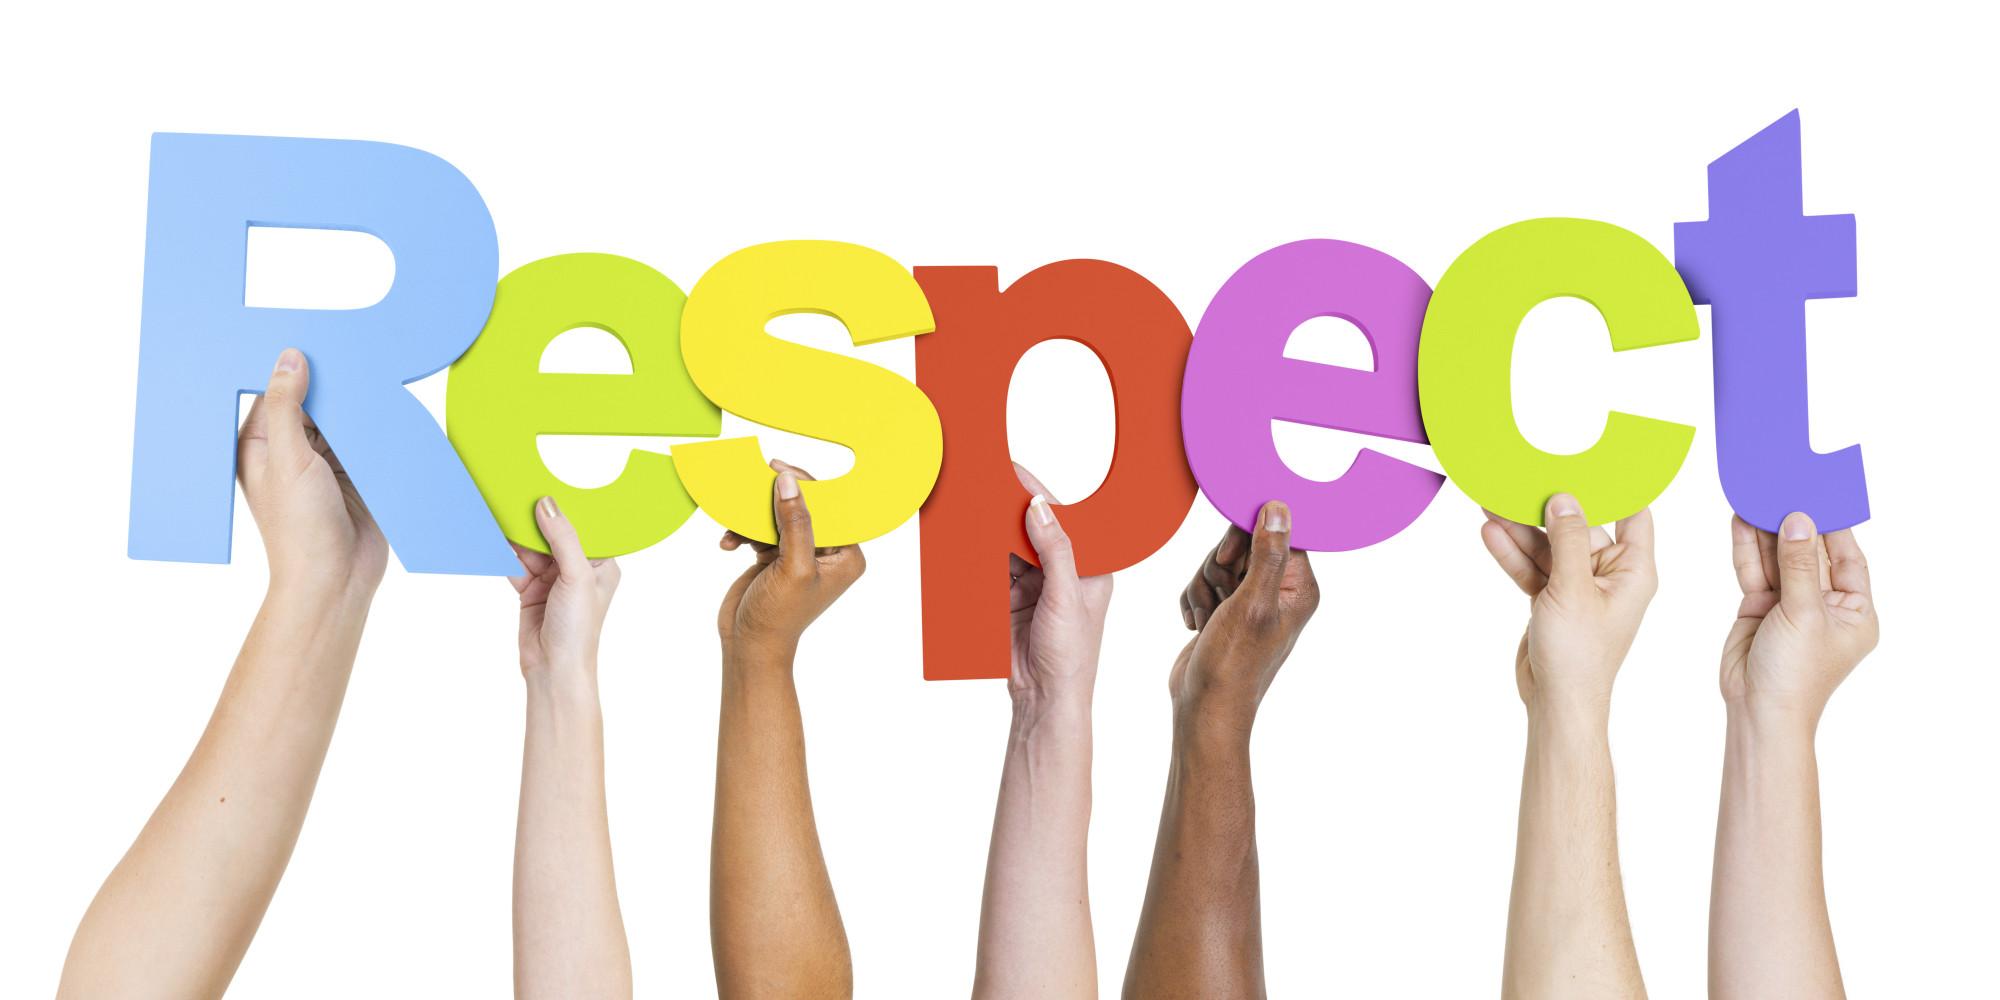 """Résultat de recherche d'images pour """"respect"""""""